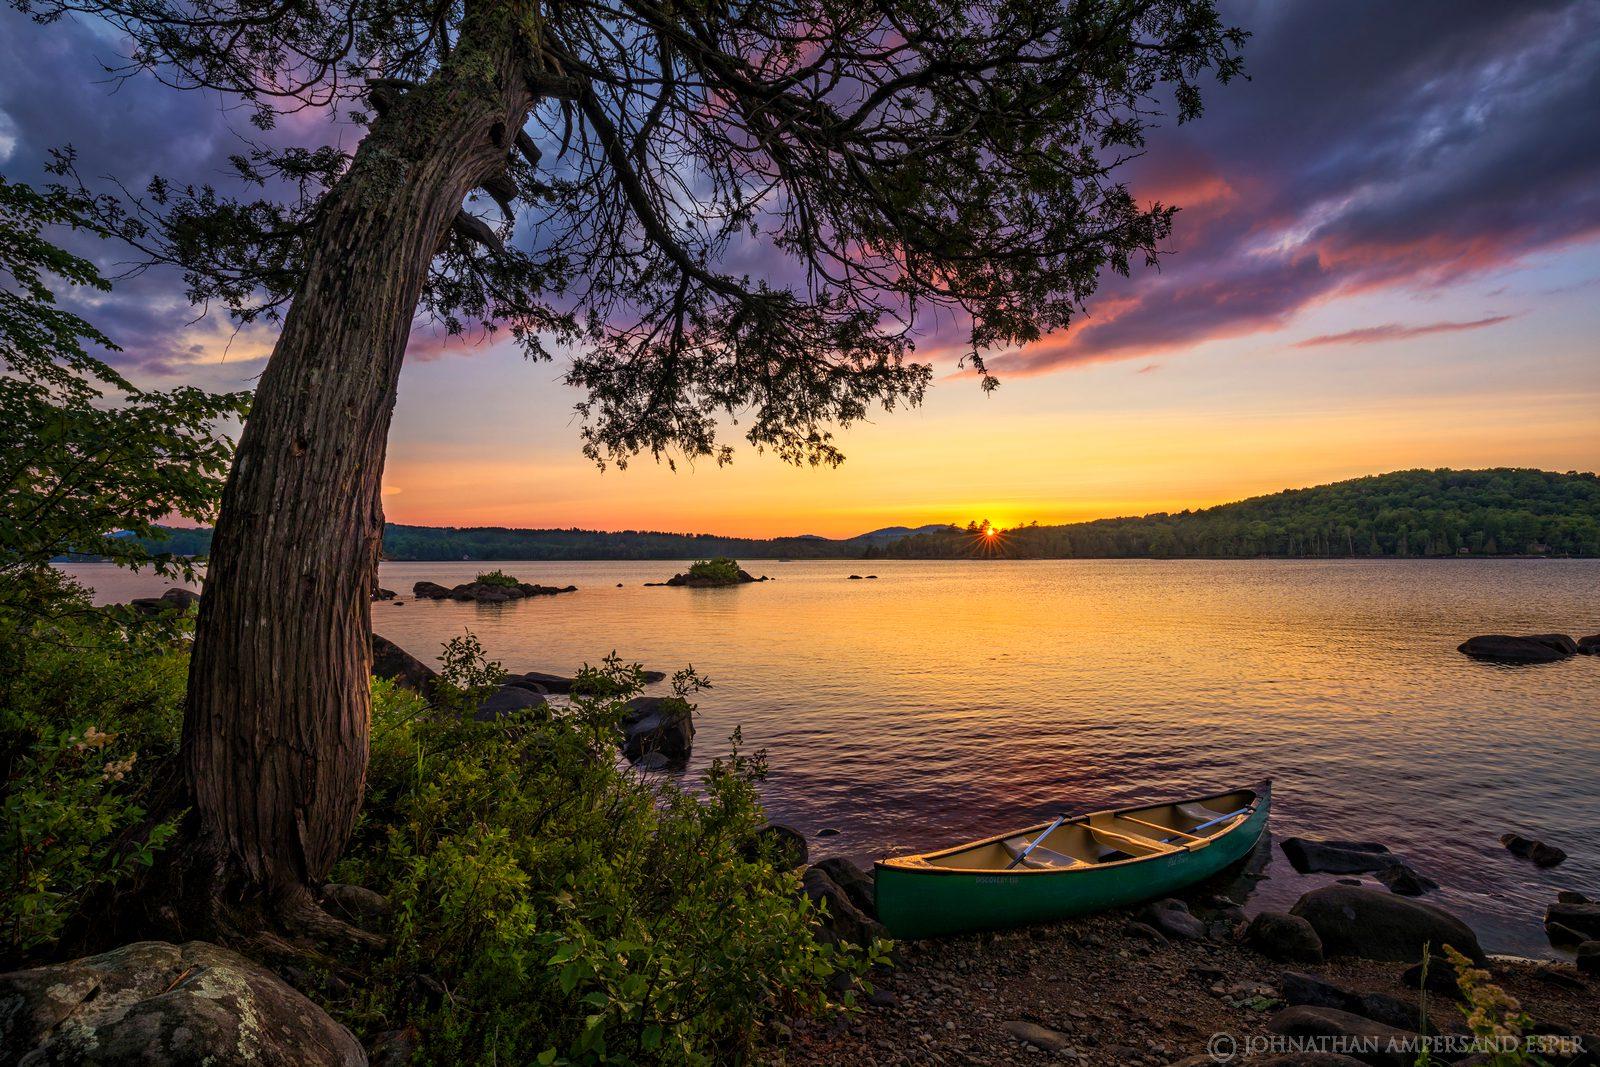 Long Lake,Long Lake canoe,canoe,summer,2019,canoe trip,camping trip,Marie-Claude,Long Lake canoe trip,sunset,cedar,cedar tree...